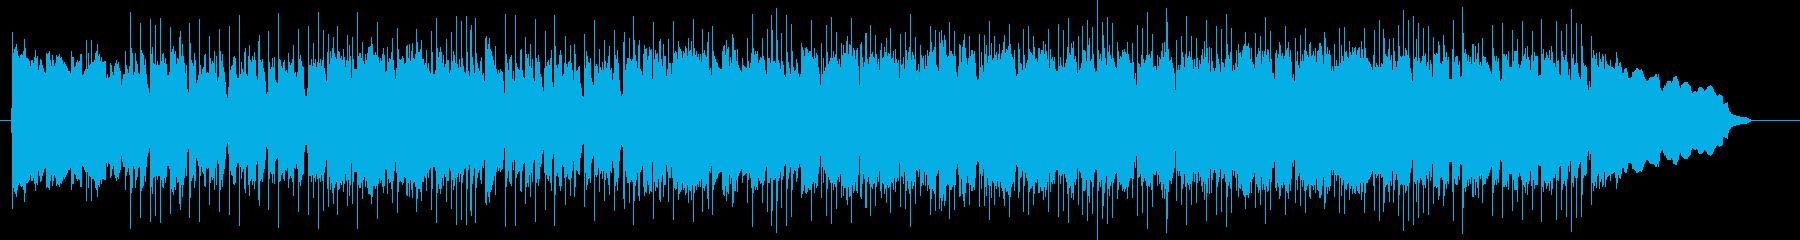 楽しげで勢いのあるドラムギターサウンドの再生済みの波形